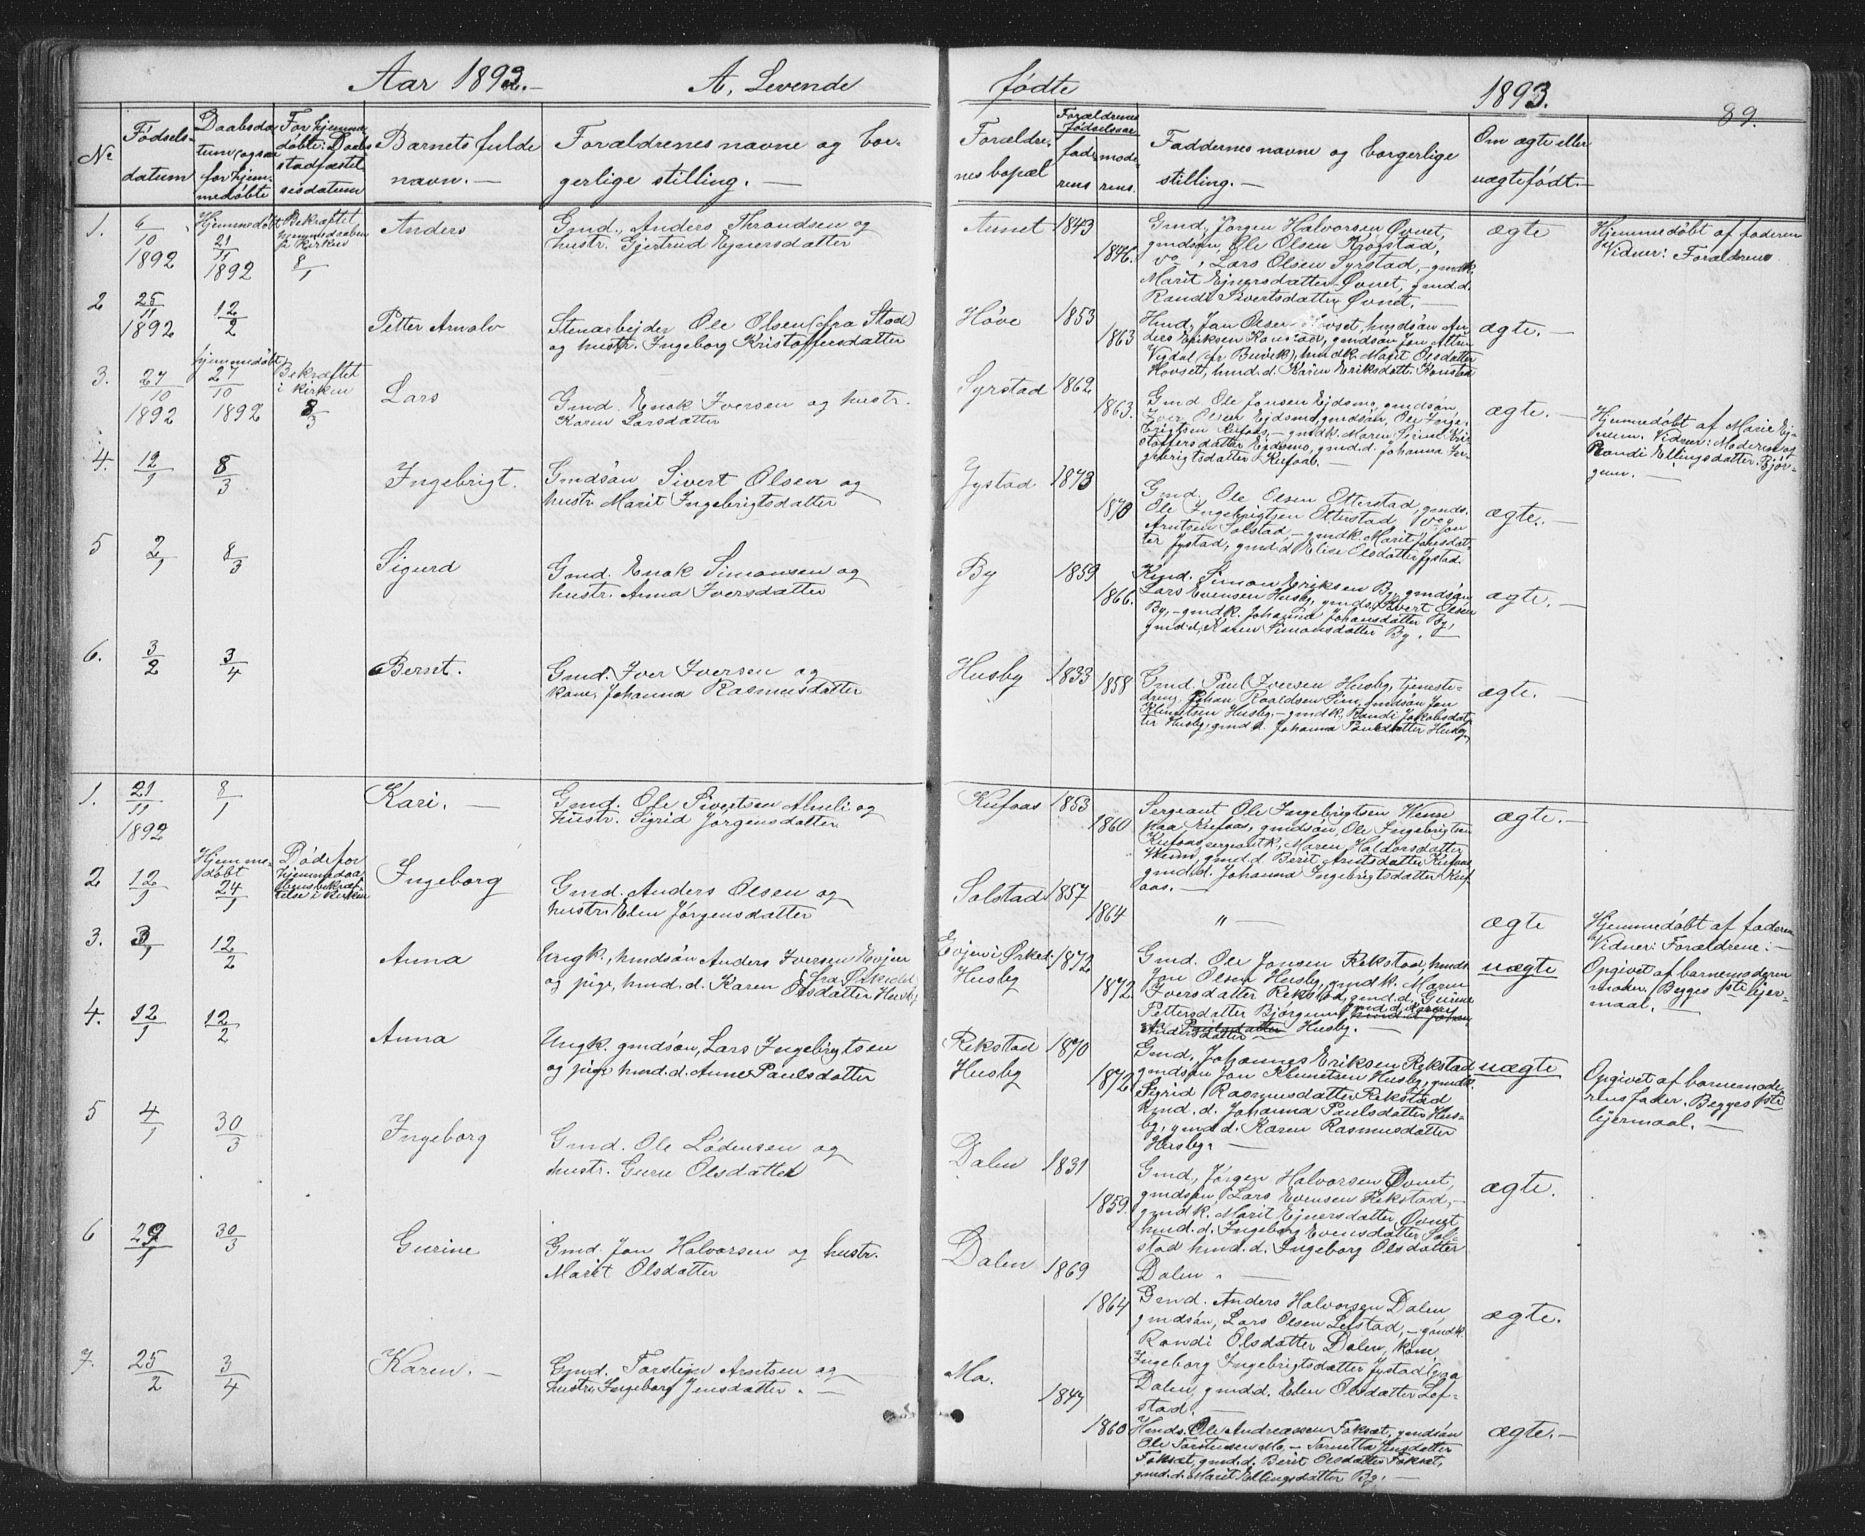 SAT, Ministerialprotokoller, klokkerbøker og fødselsregistre - Sør-Trøndelag, 667/L0798: Klokkerbok nr. 667C03, 1867-1929, s. 89